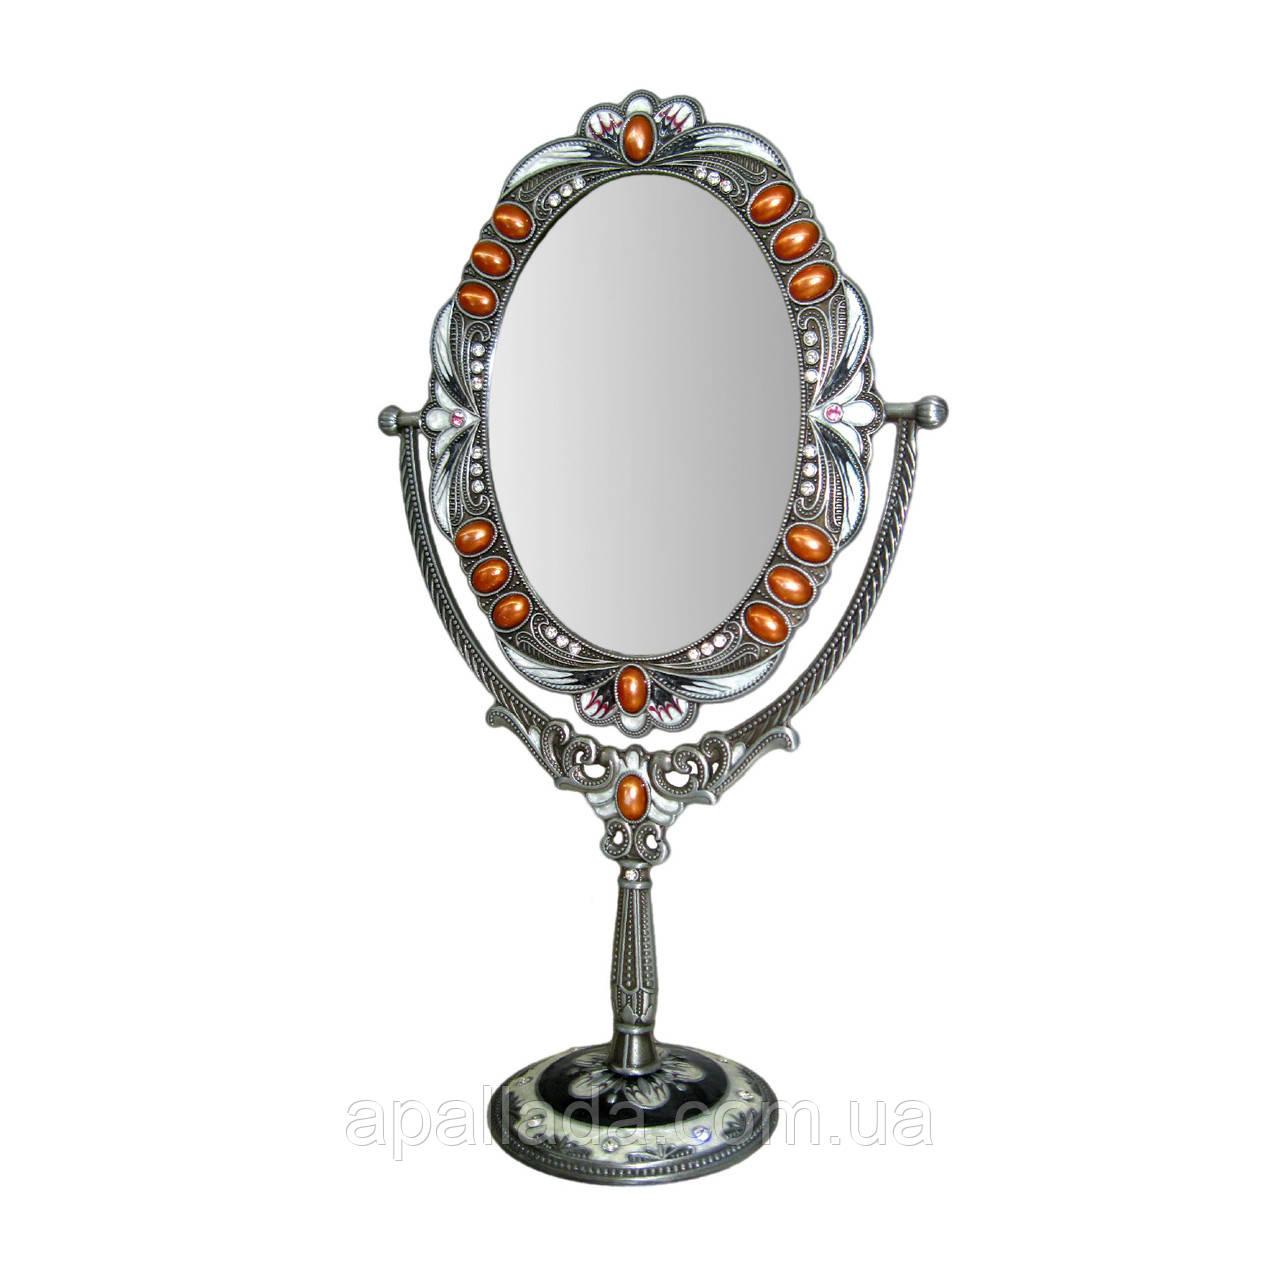 Зеркало косметическое 32см.